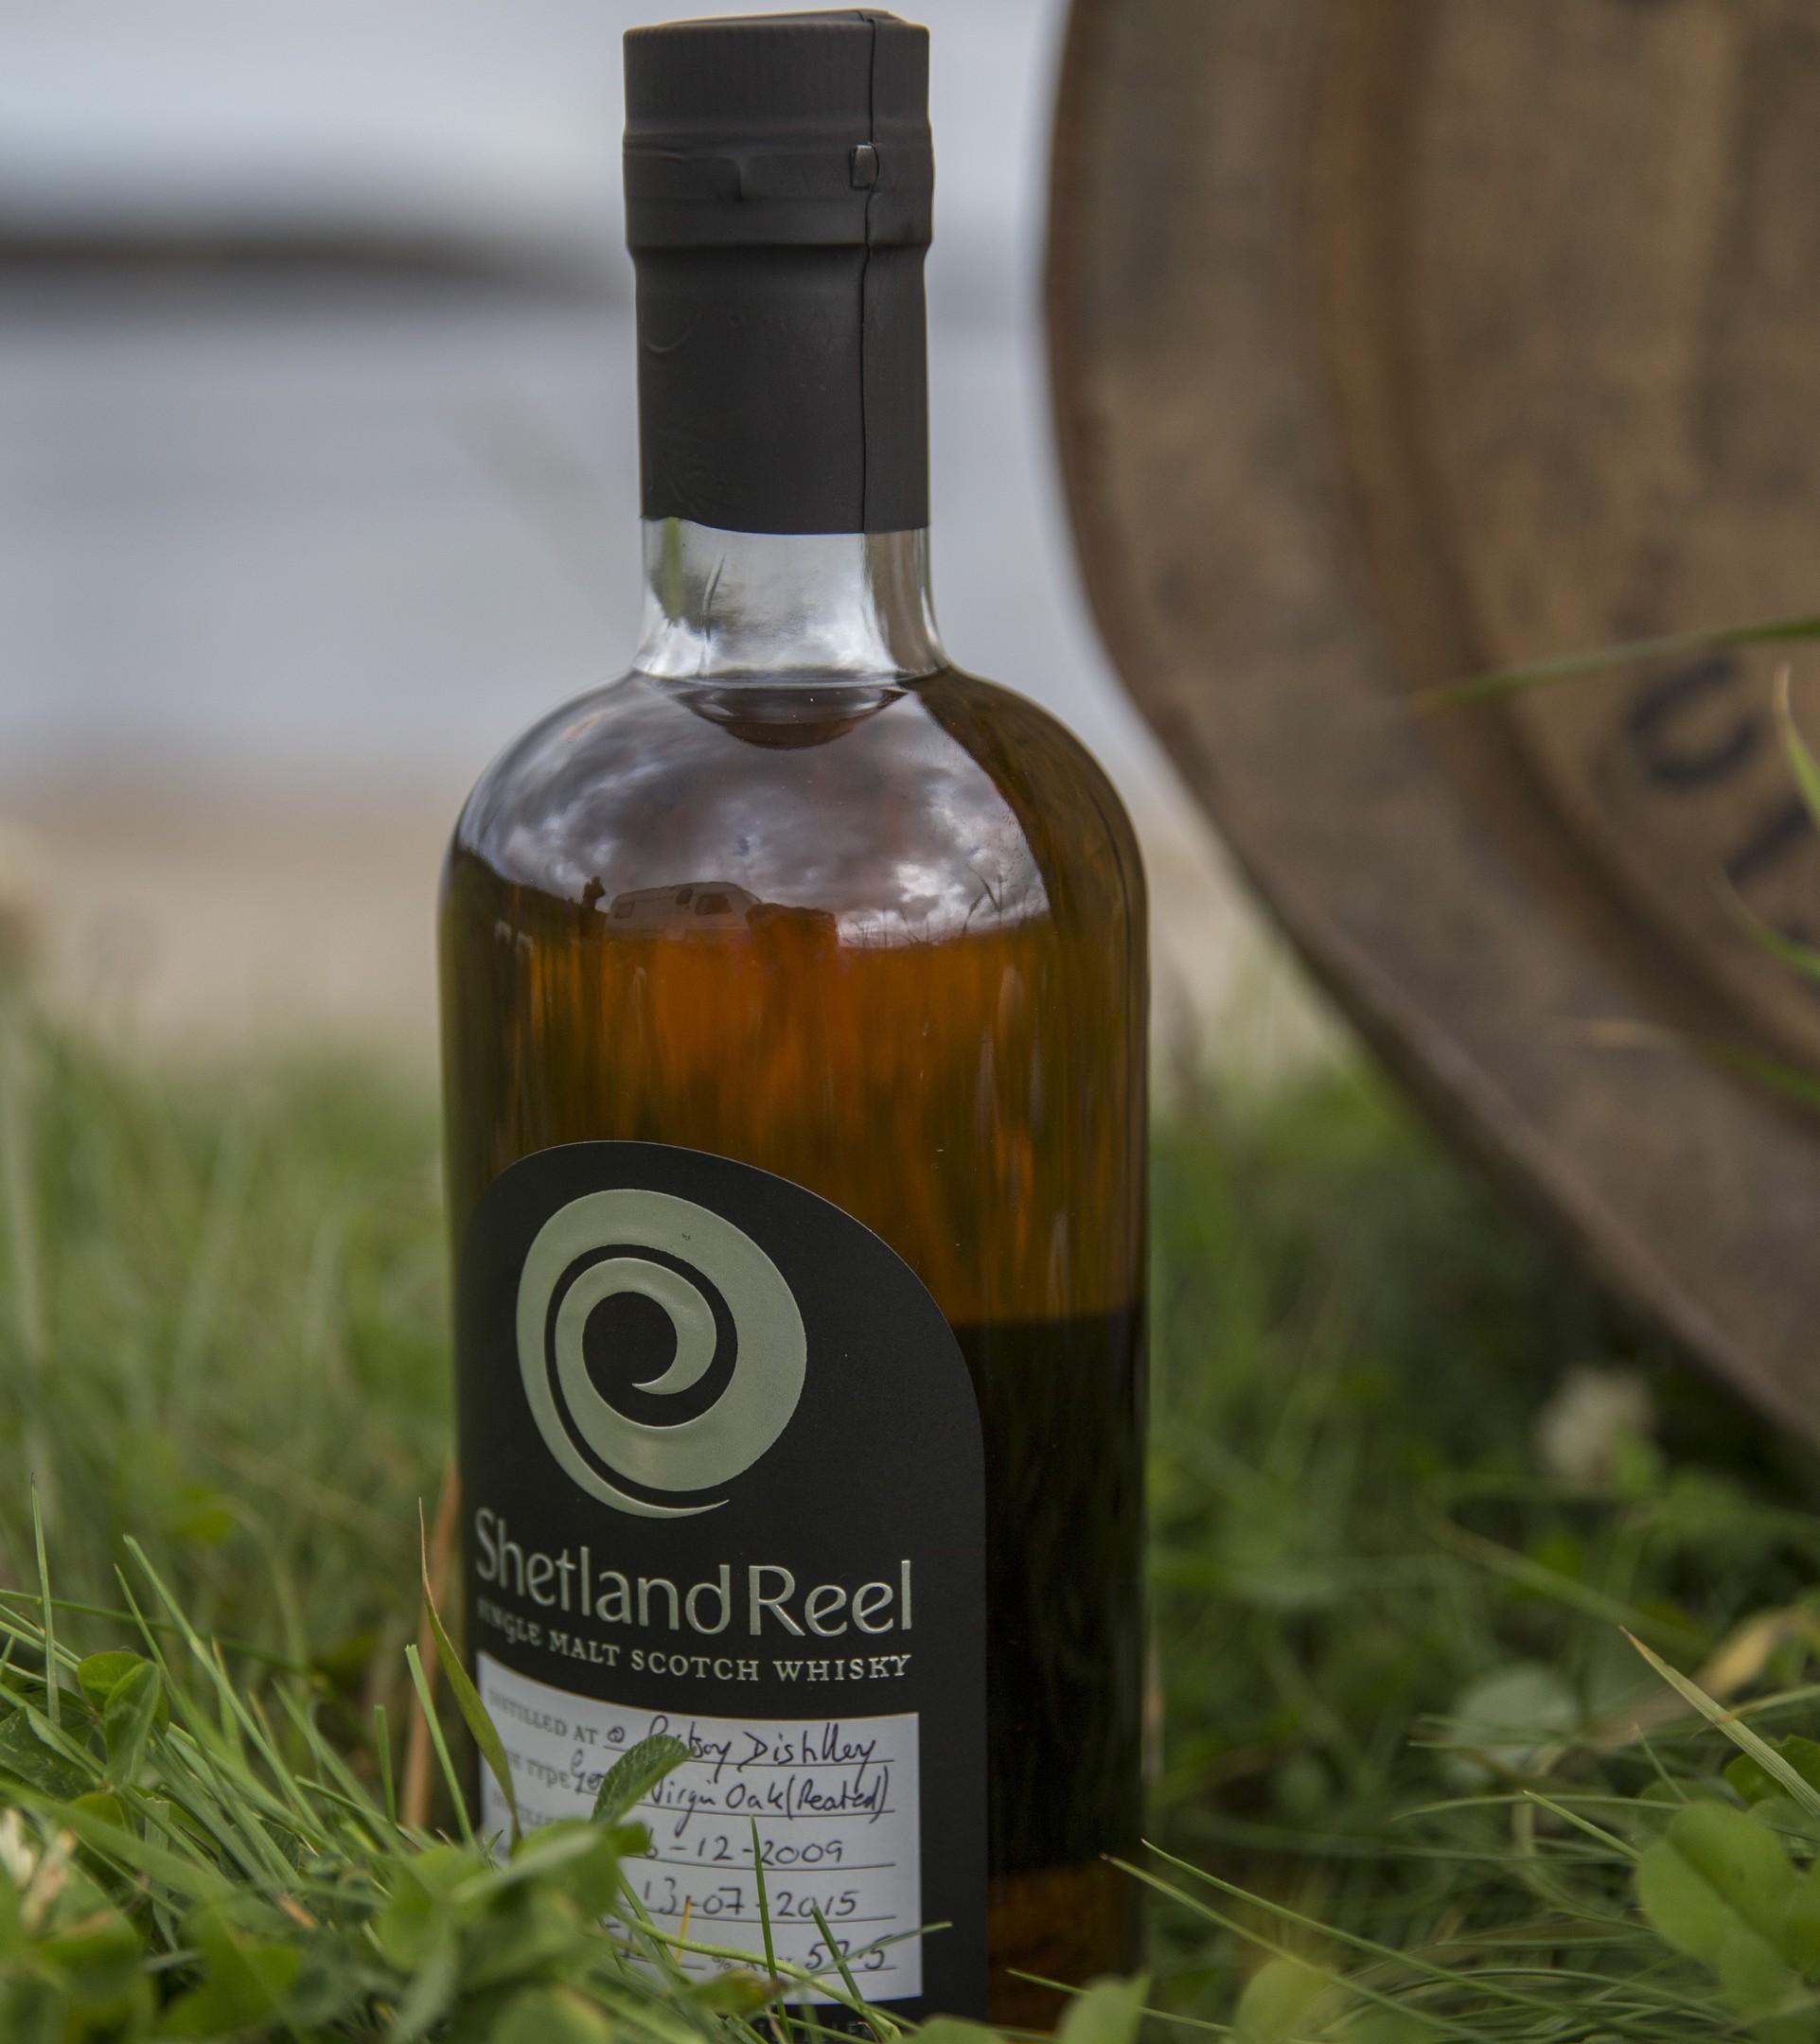 Shetland Reel single malt